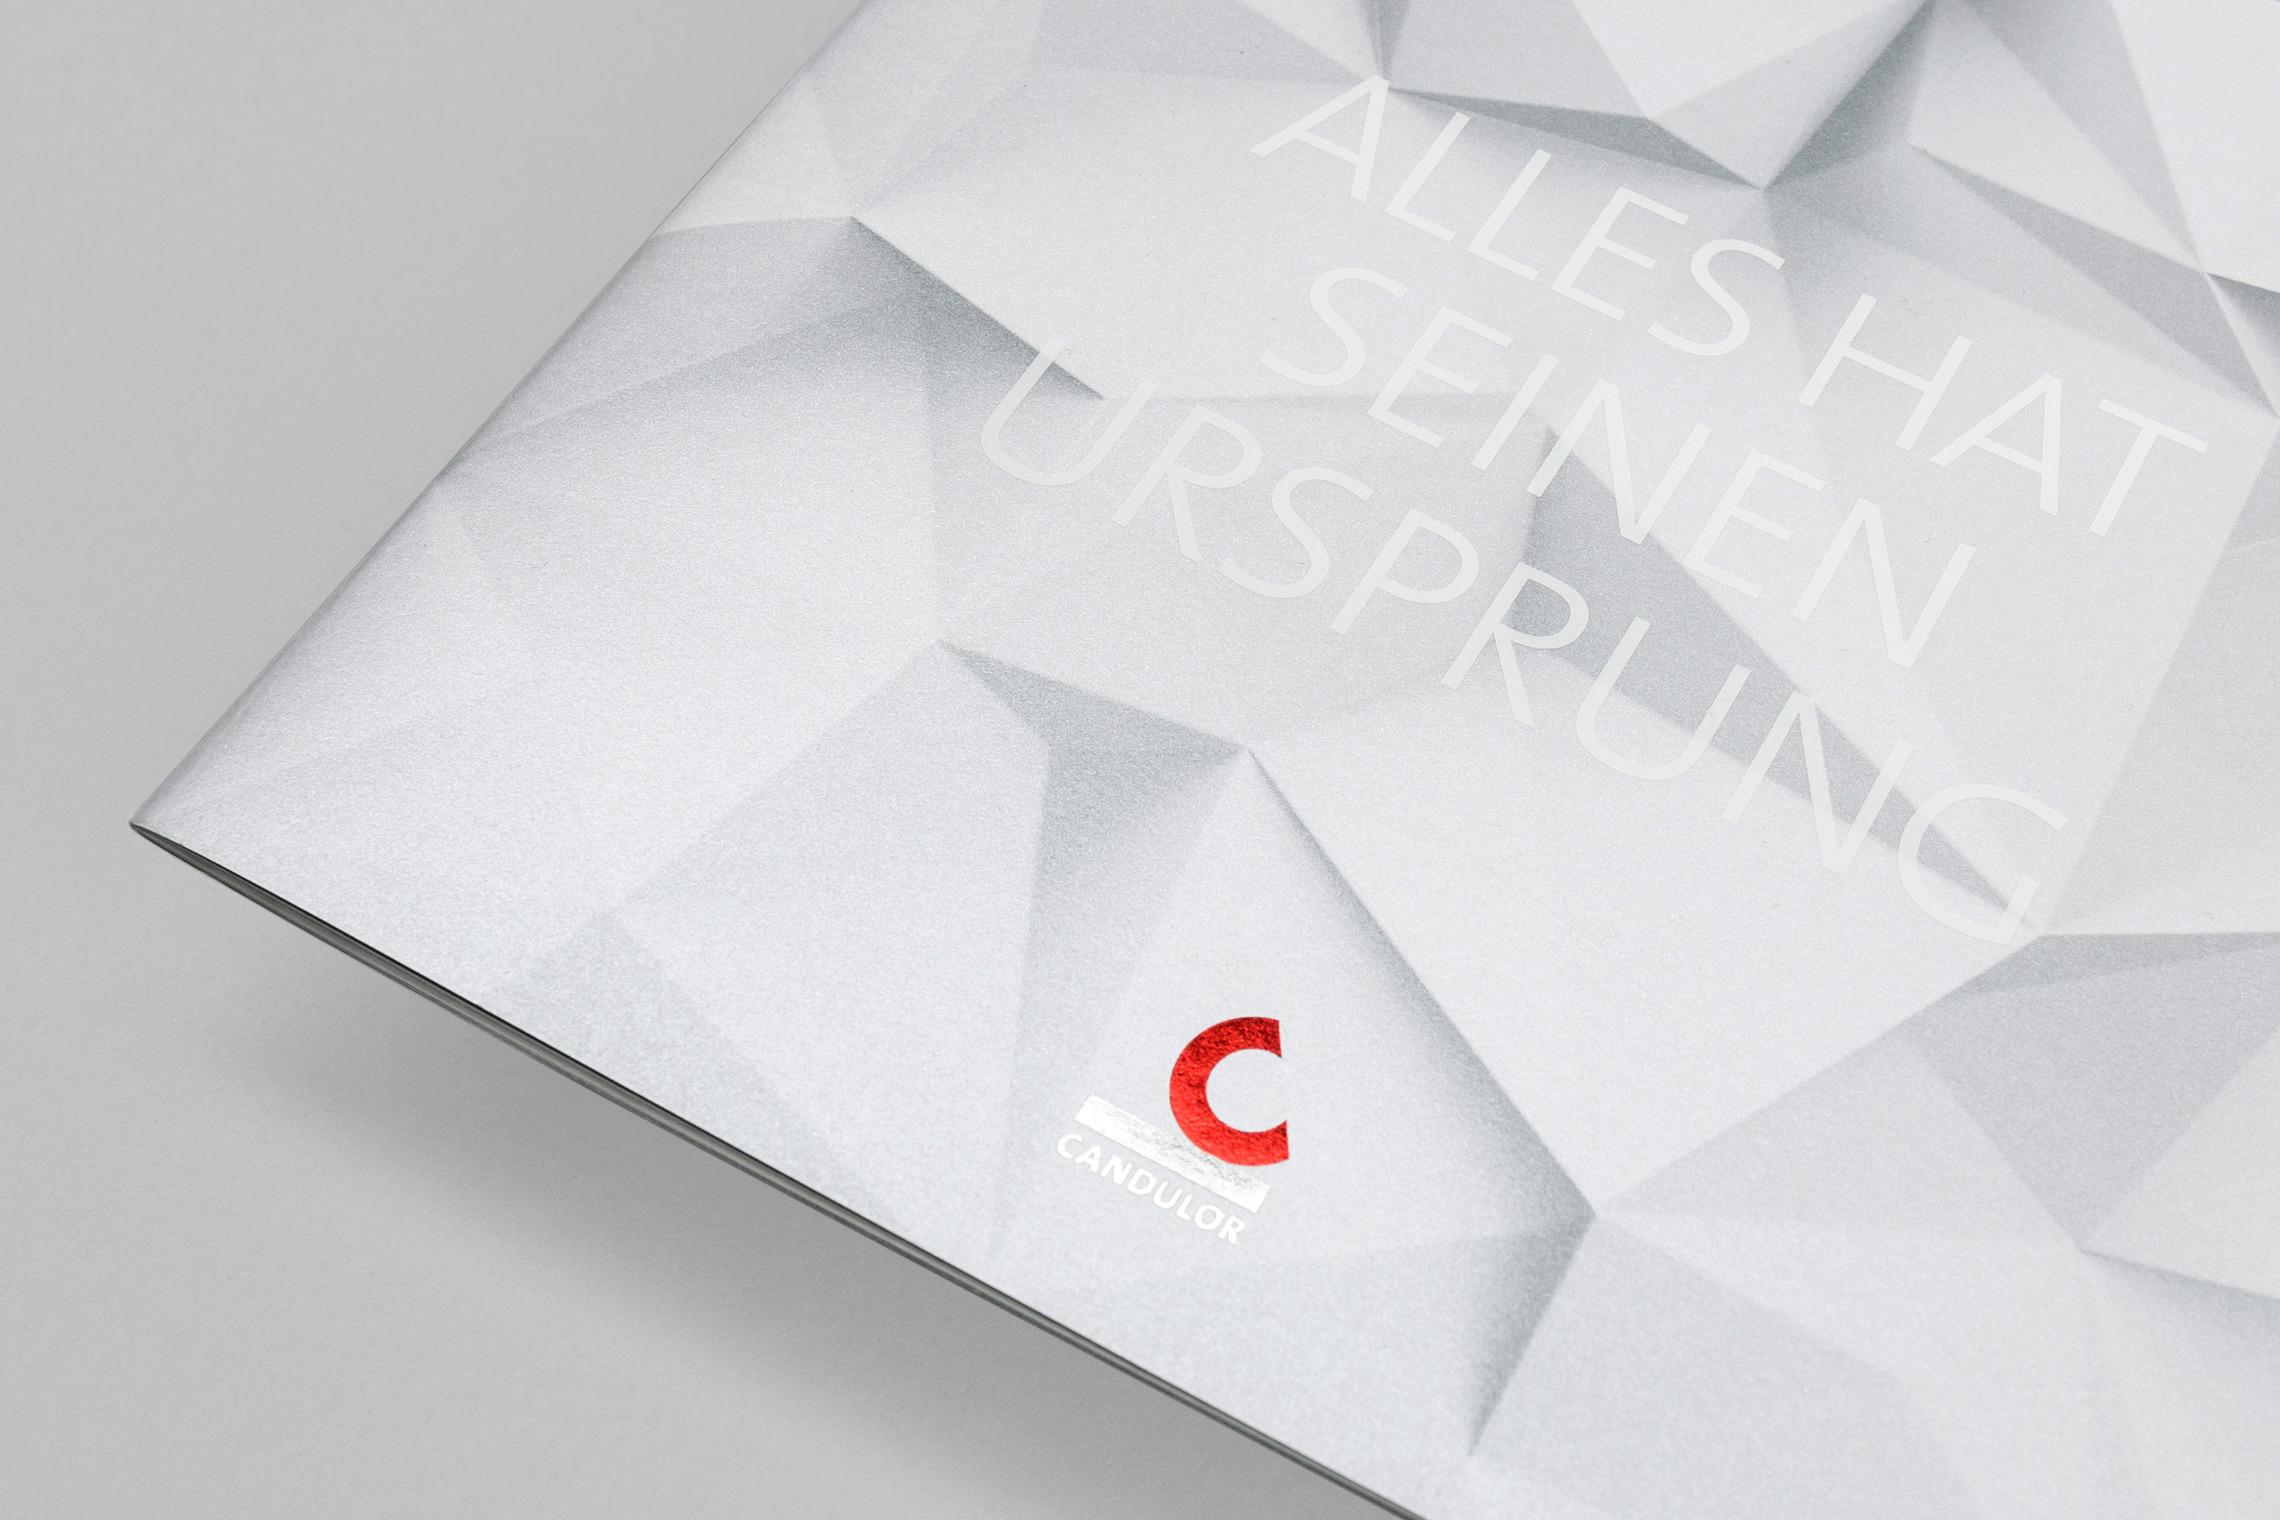 Die Imagebroschüre ist das zentrale Printmedium, das die Markenwerte und die Vision der CANDULOR transportiert.